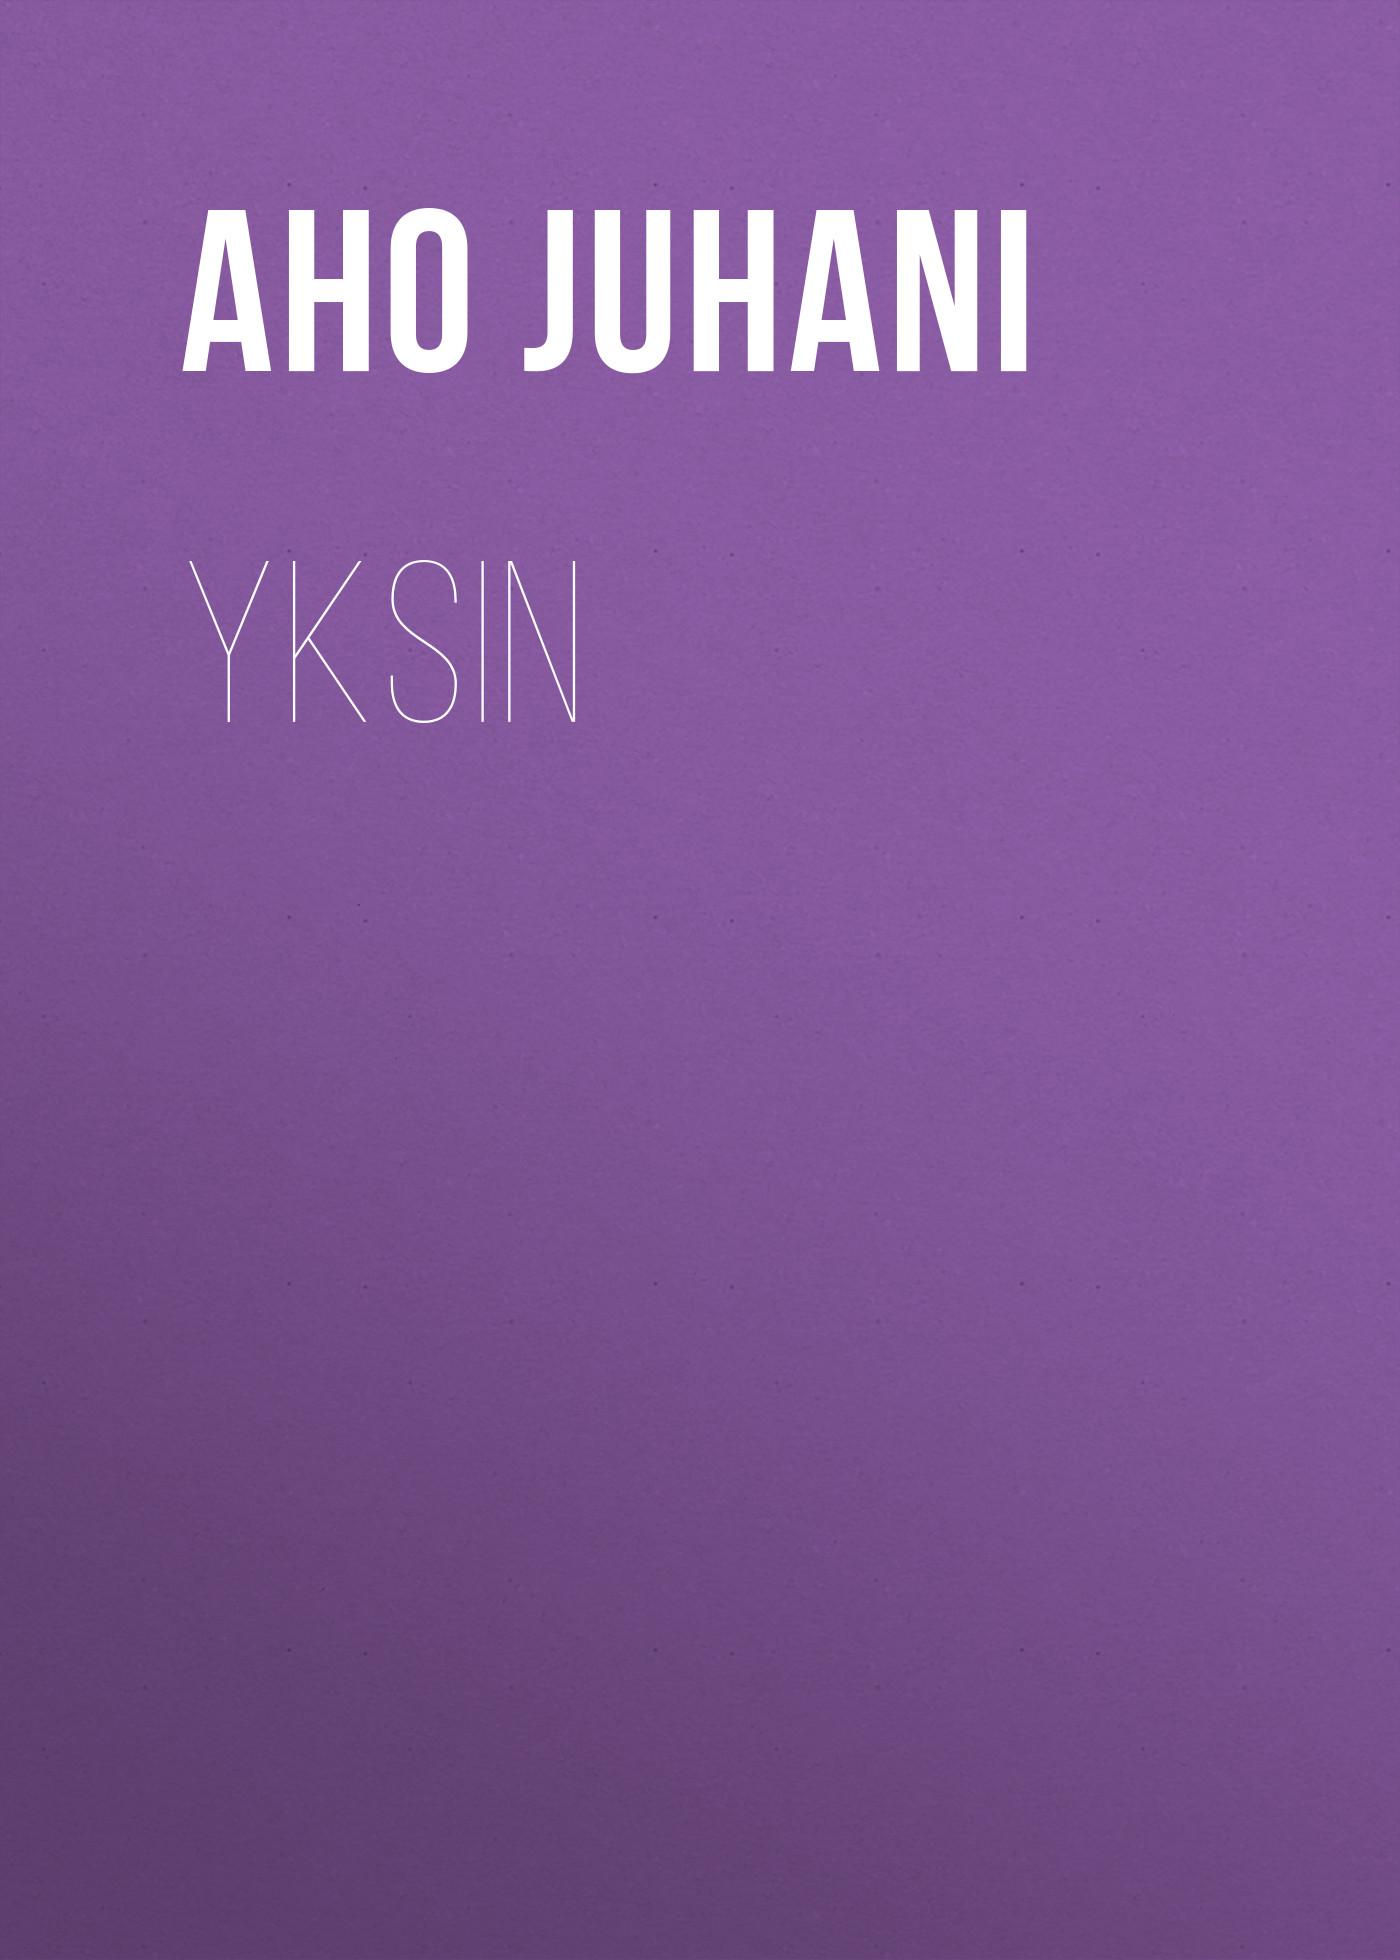 Aho Juhani Yksin цена и фото